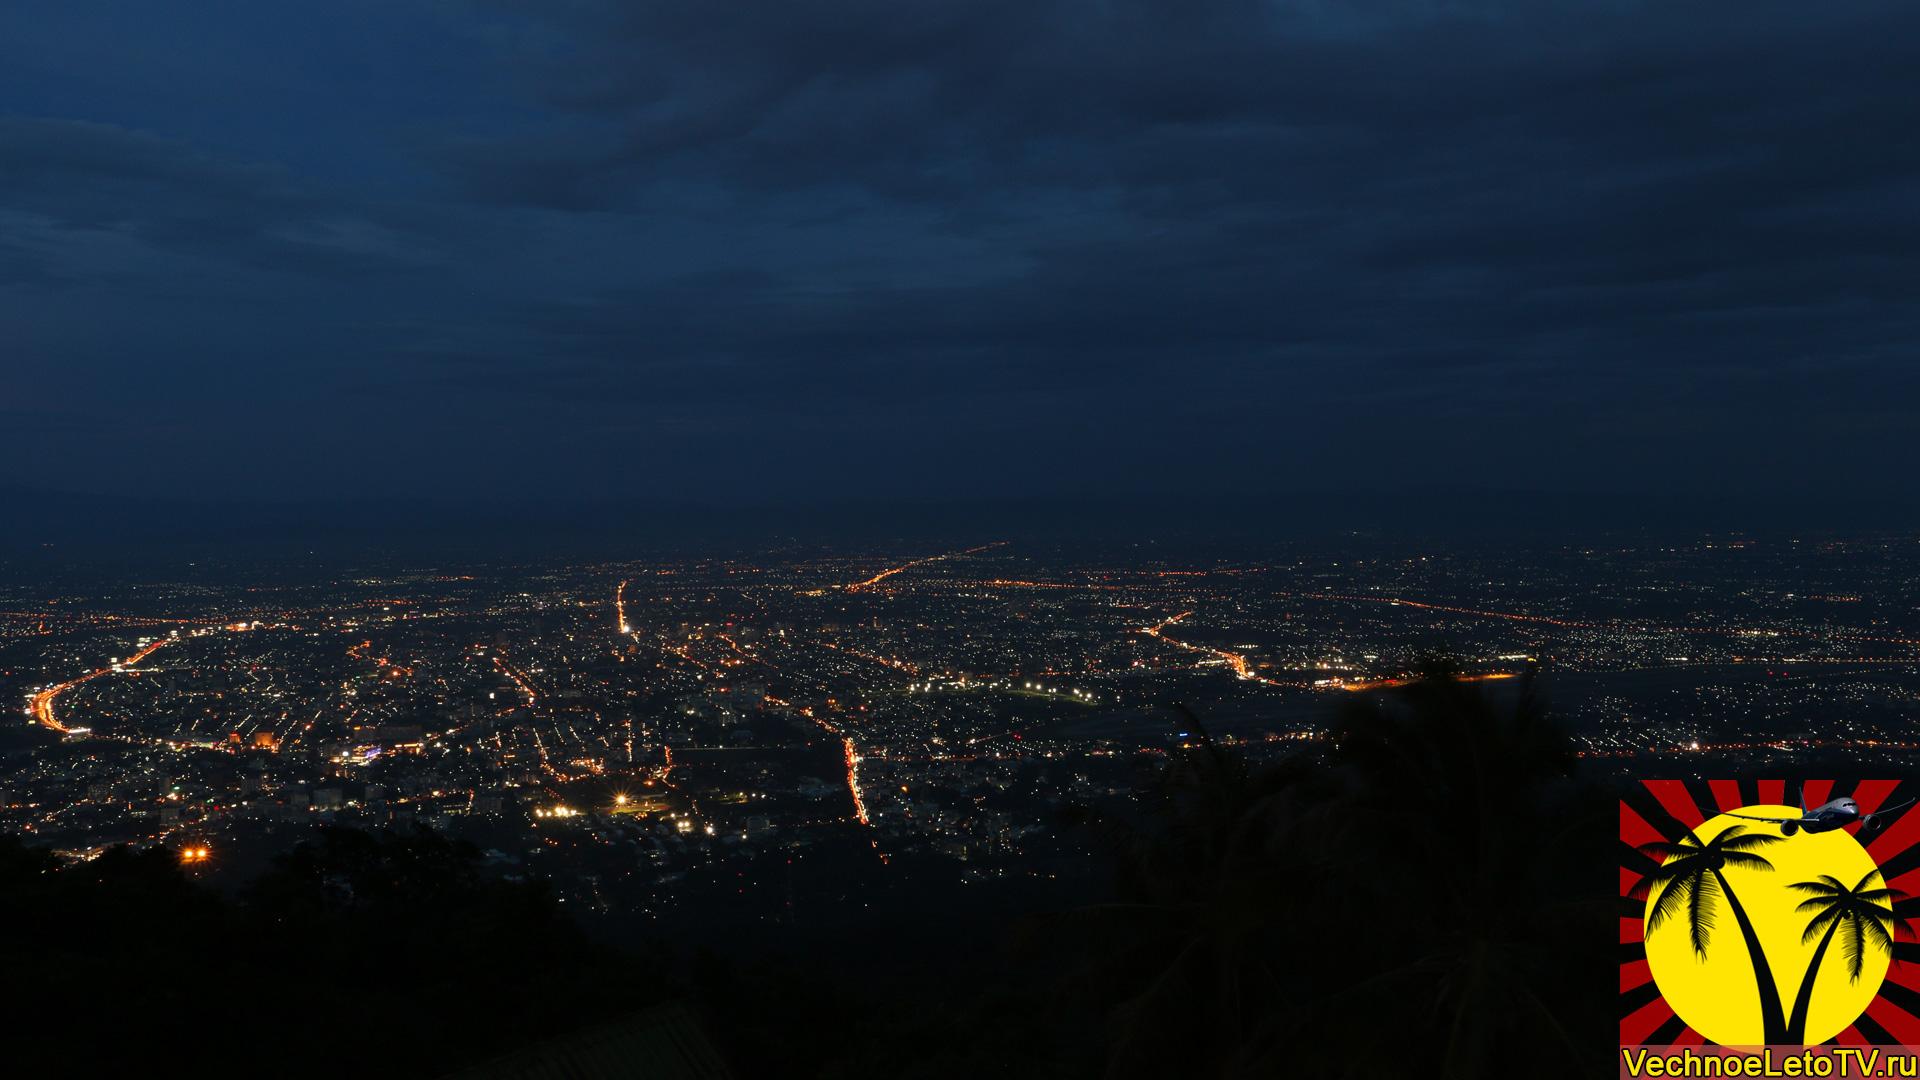 Вид на город Чиангмай ночью